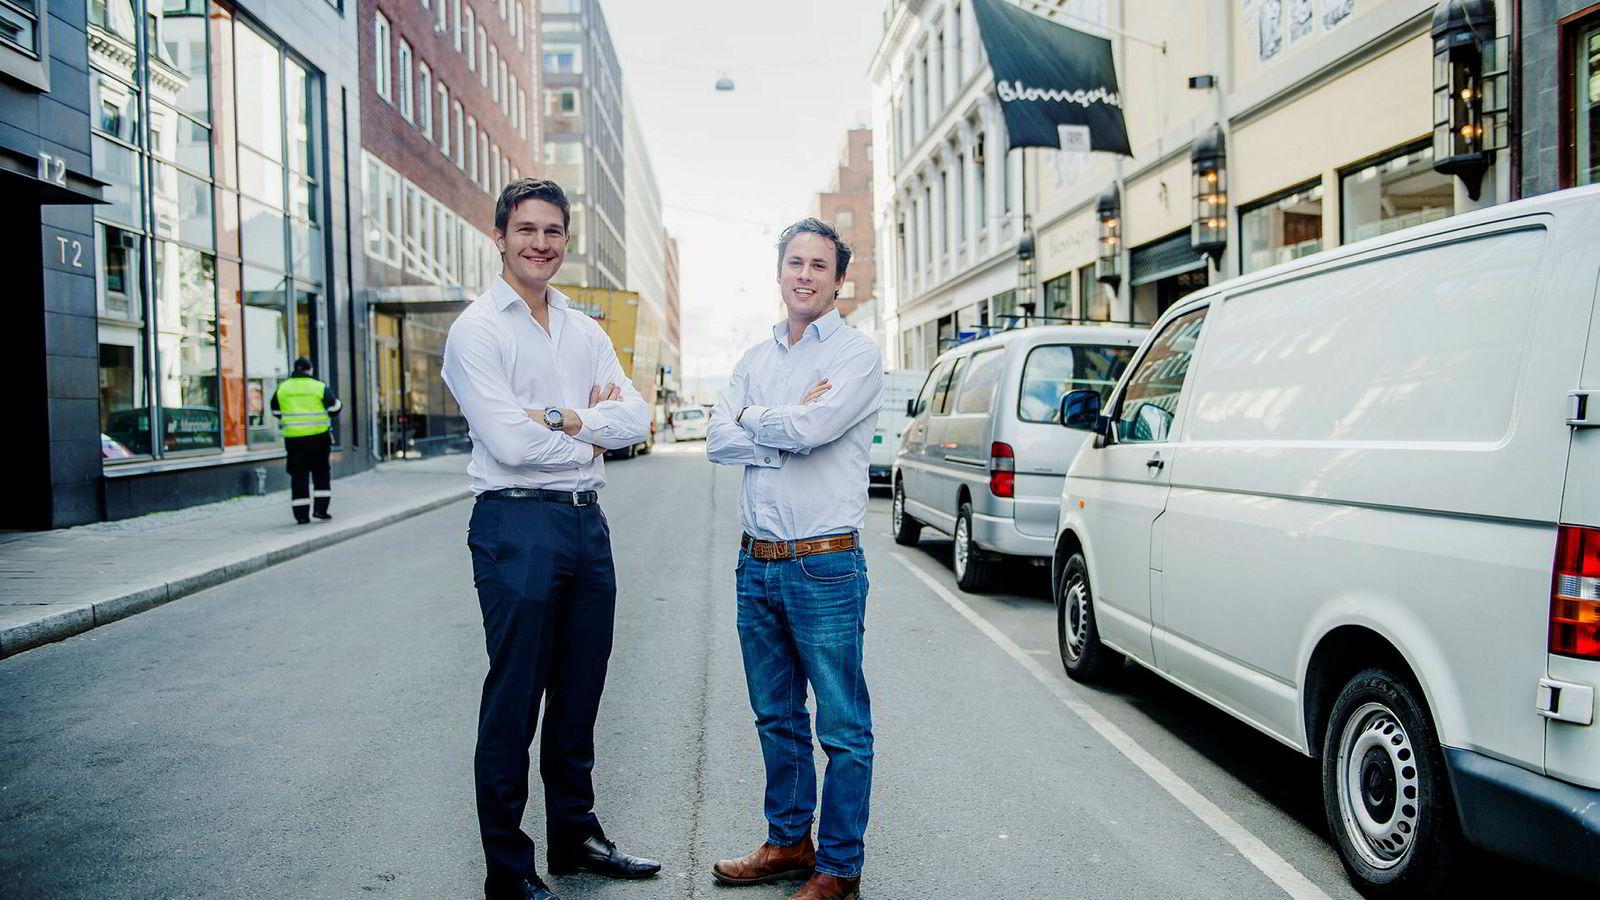 Carl Edvard Endresen (til venstre) er sjef i Uber Norge. Her sammen med Harry Proter, som er kommunikasjonssjef i Storbritannia, Irland og Norden.